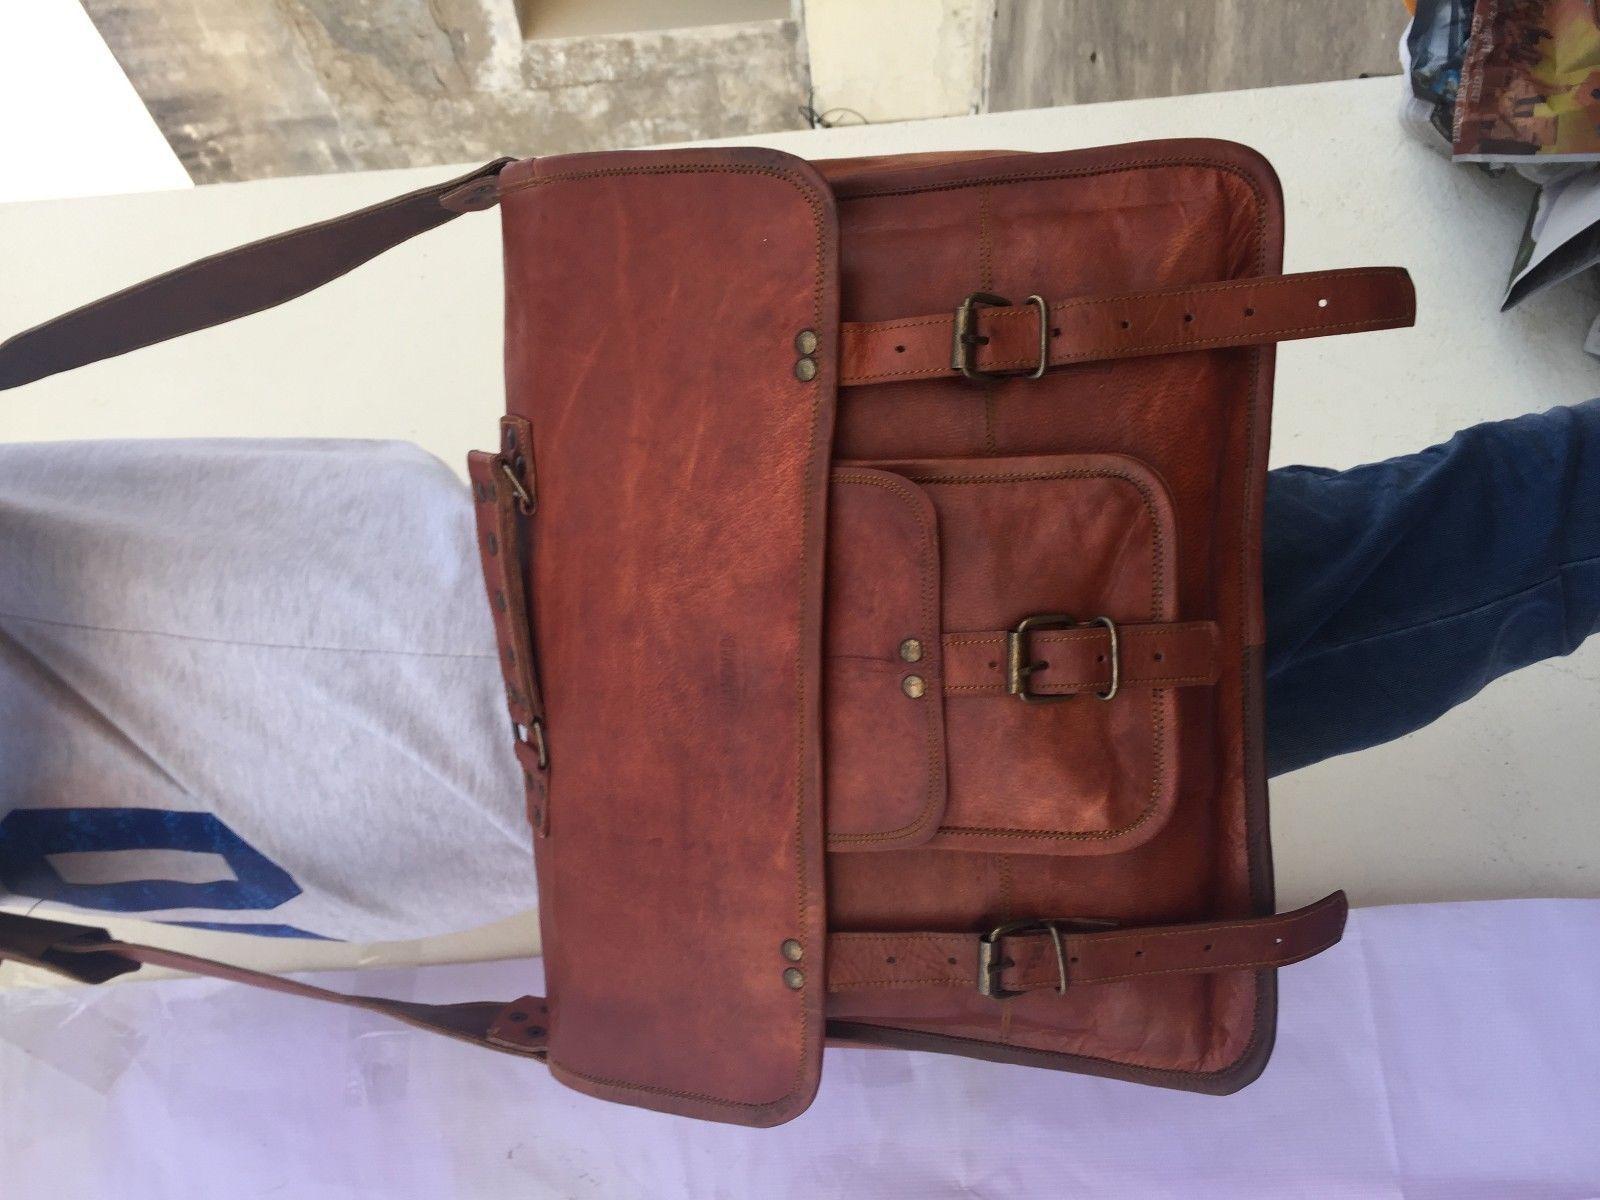 2017 Men's Vintage Looking Leather Messenger Bag Briefcase Shoulder Bag Handmade image 4